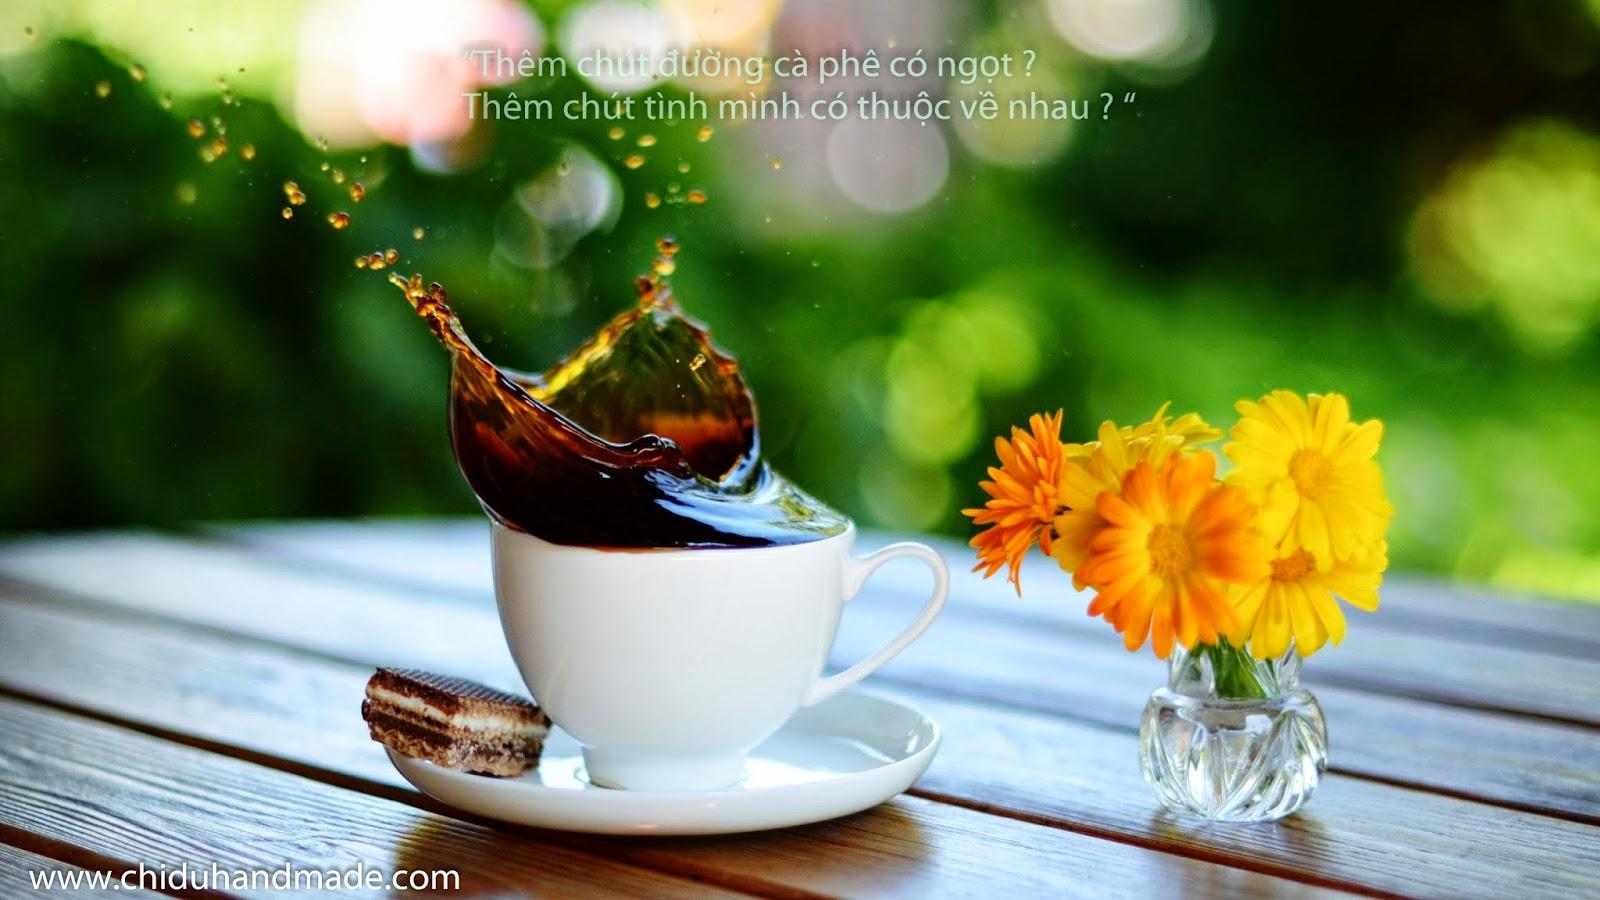 Ta mở tung cửa sổ đón nắng sớm, tay cầm 1 tách cafe khe khẽ nói: \